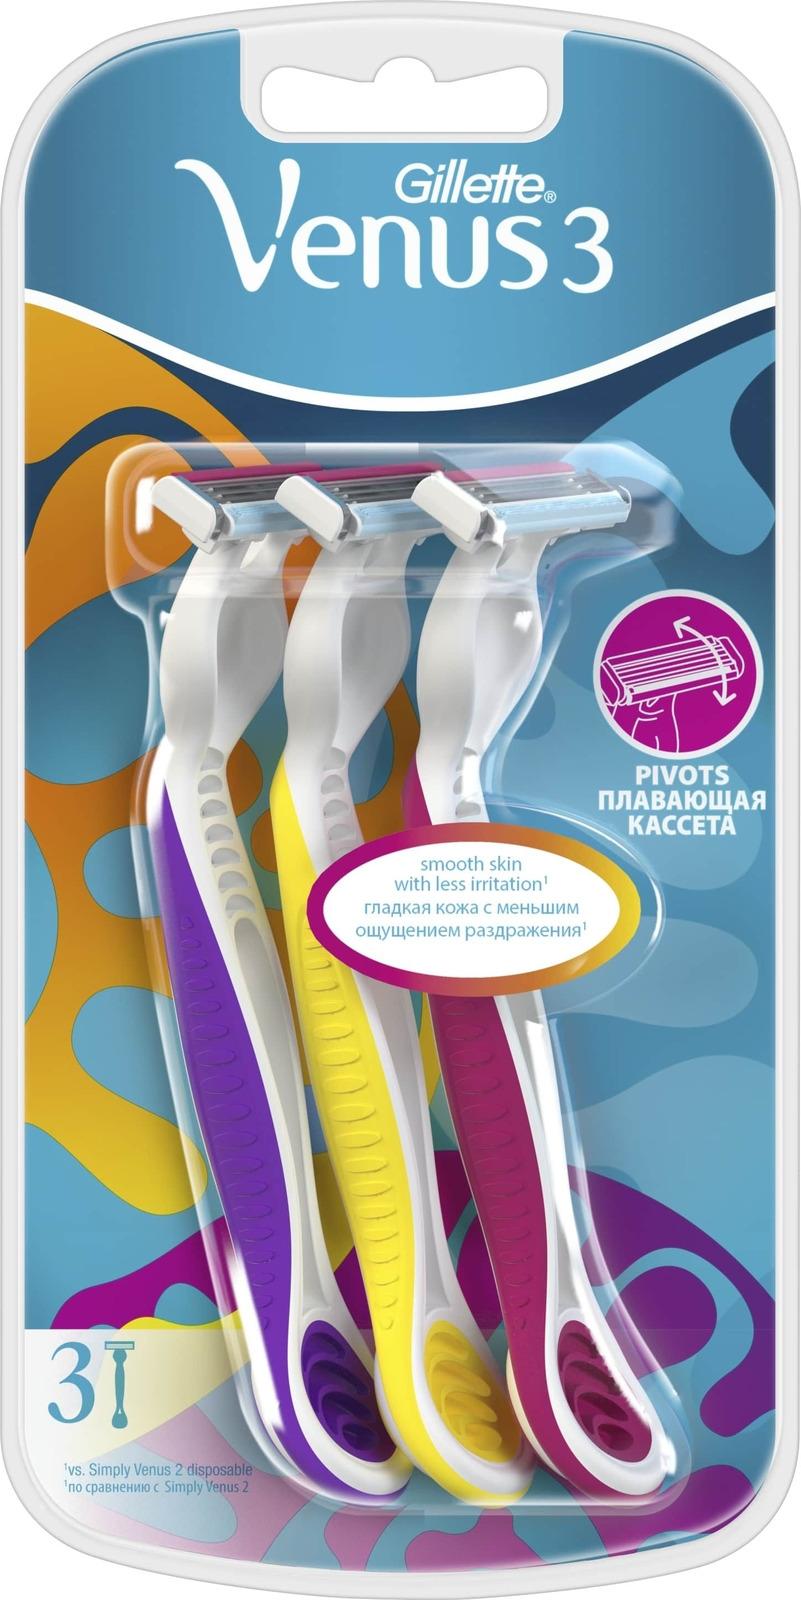 Одноразовые Бритвы для женщин Gillette Venus 3, 3шт одноразовые бритвы для женщин gillette venus 3 3шт